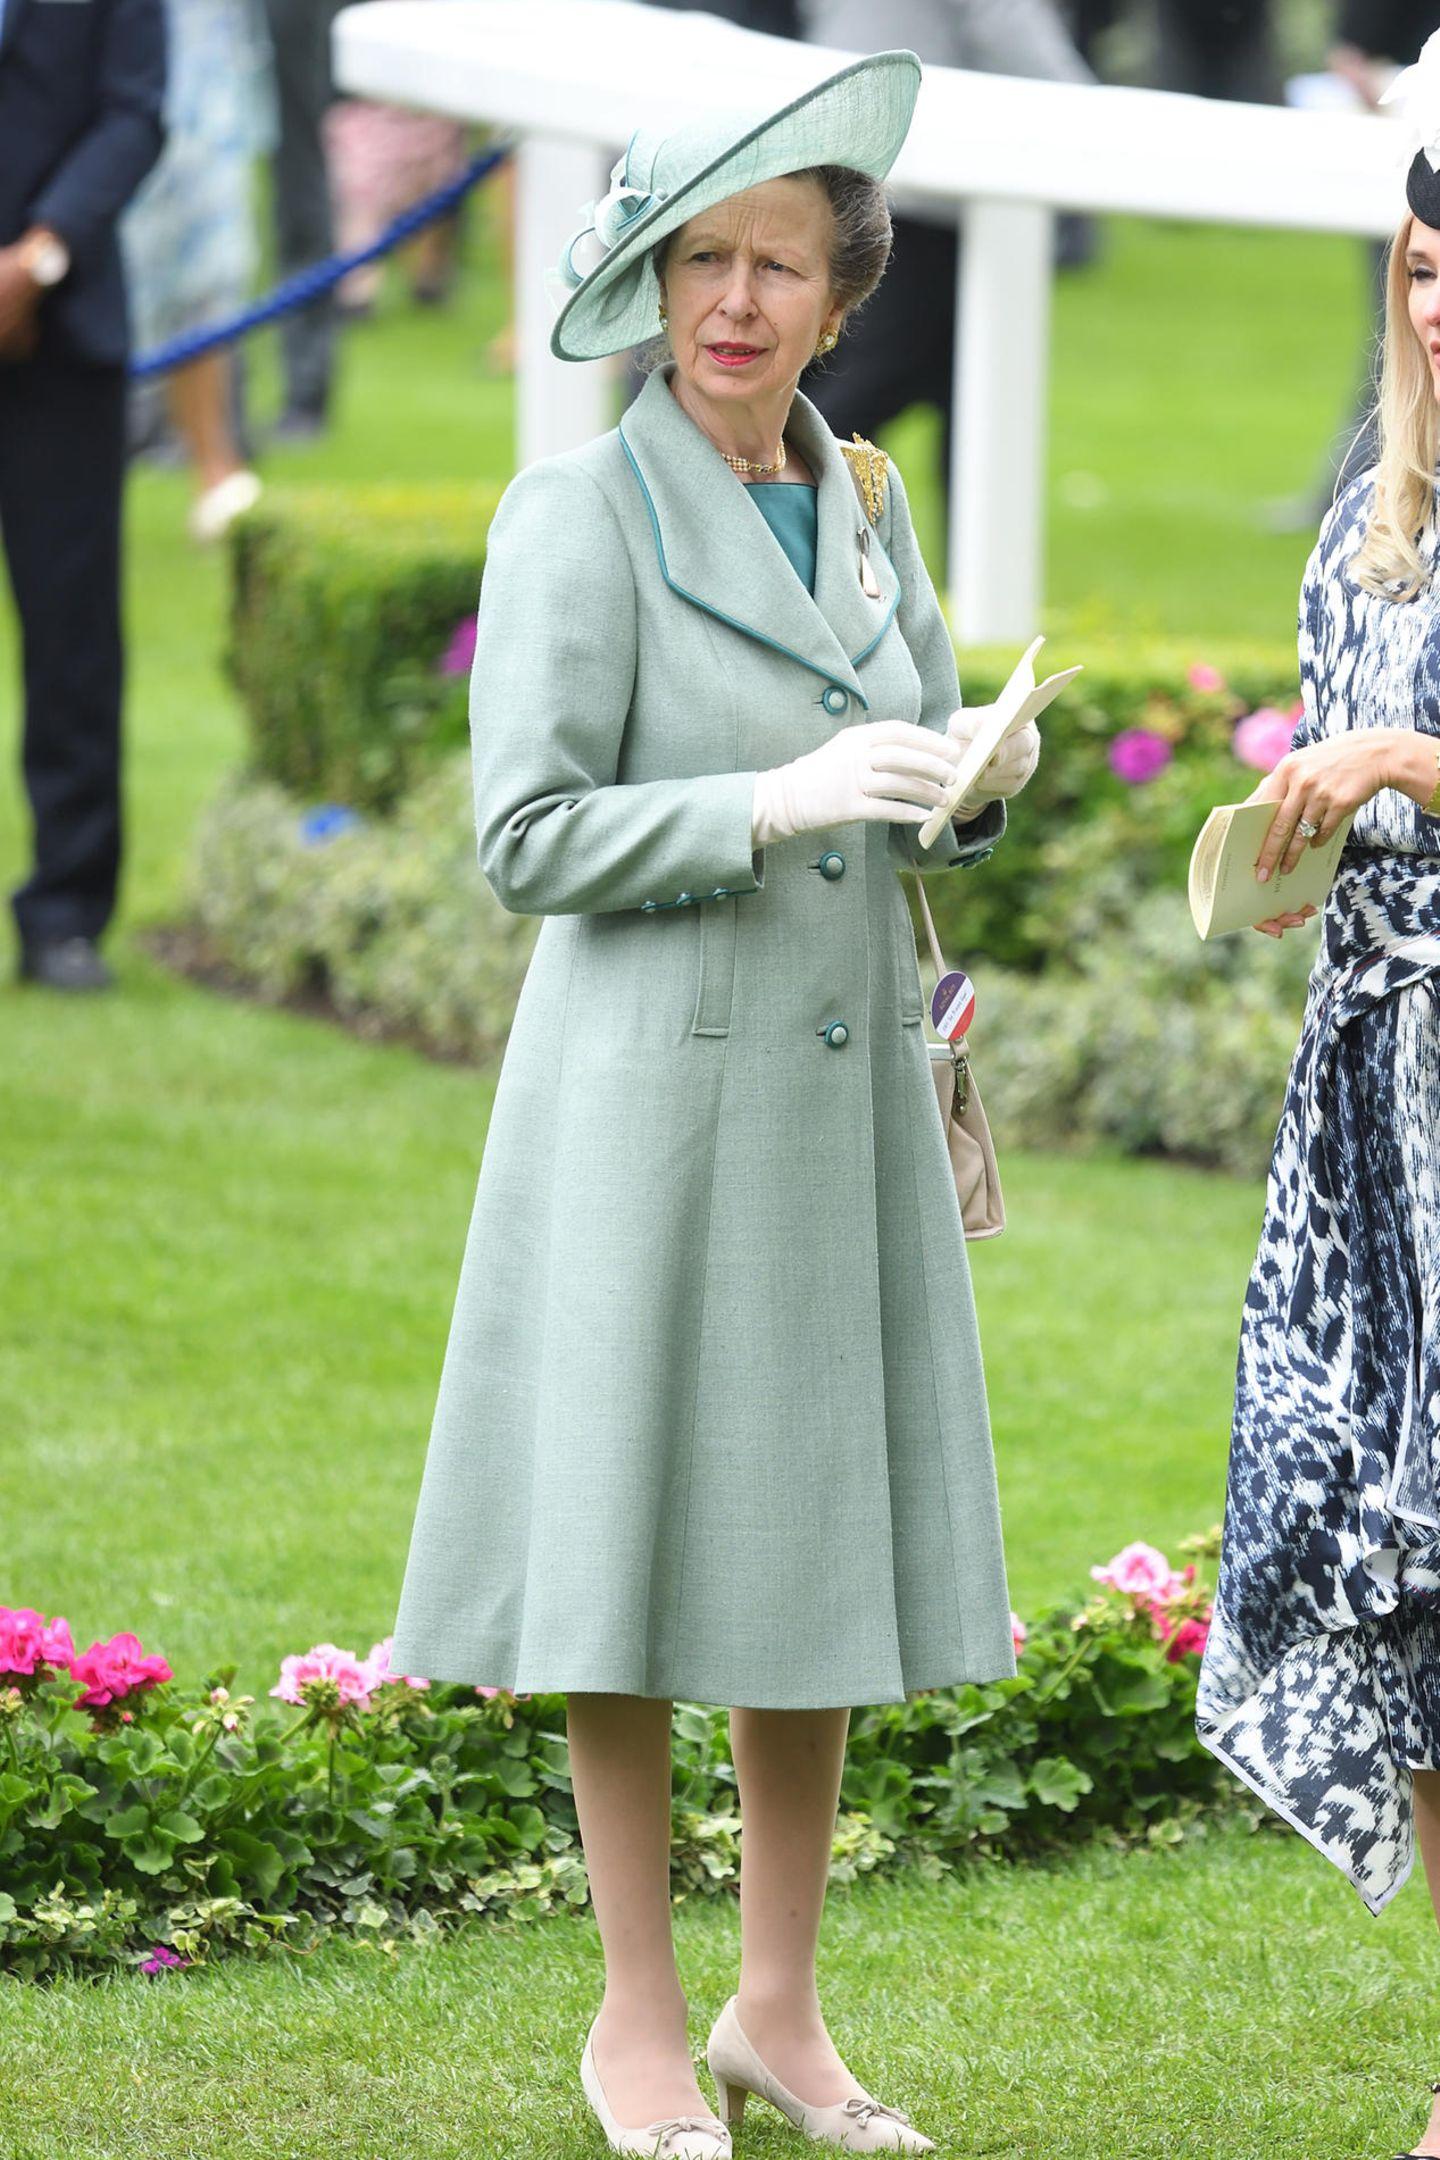 Mit ihrem leicht kritischen Gesichtsausdruck, den Handschuhen und ihrem schicken Kostüm erinnert Prinzessin Anne ein wenig an Mary Poppins.